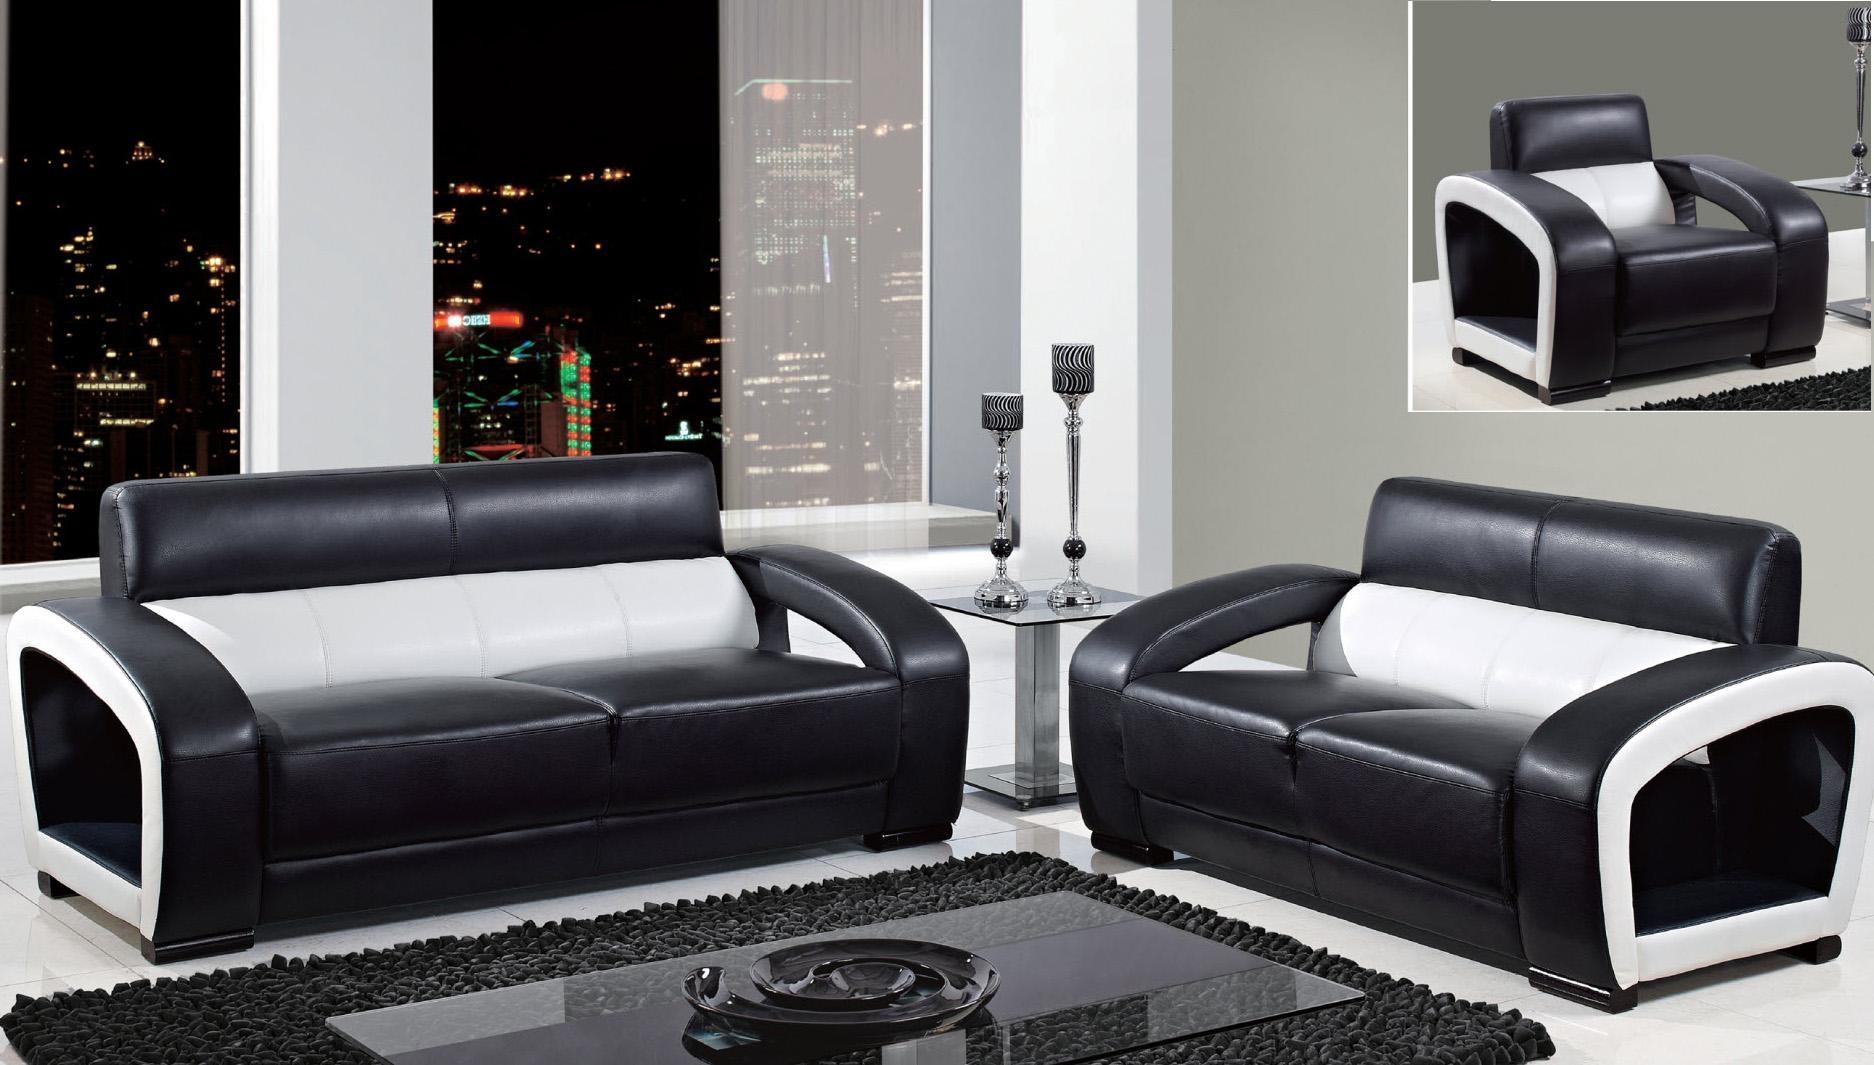 30 Imagens Para Te Inspirar Na Hora De Decorar A Sua Sala Neutral regarding Sofas Black and White Colors